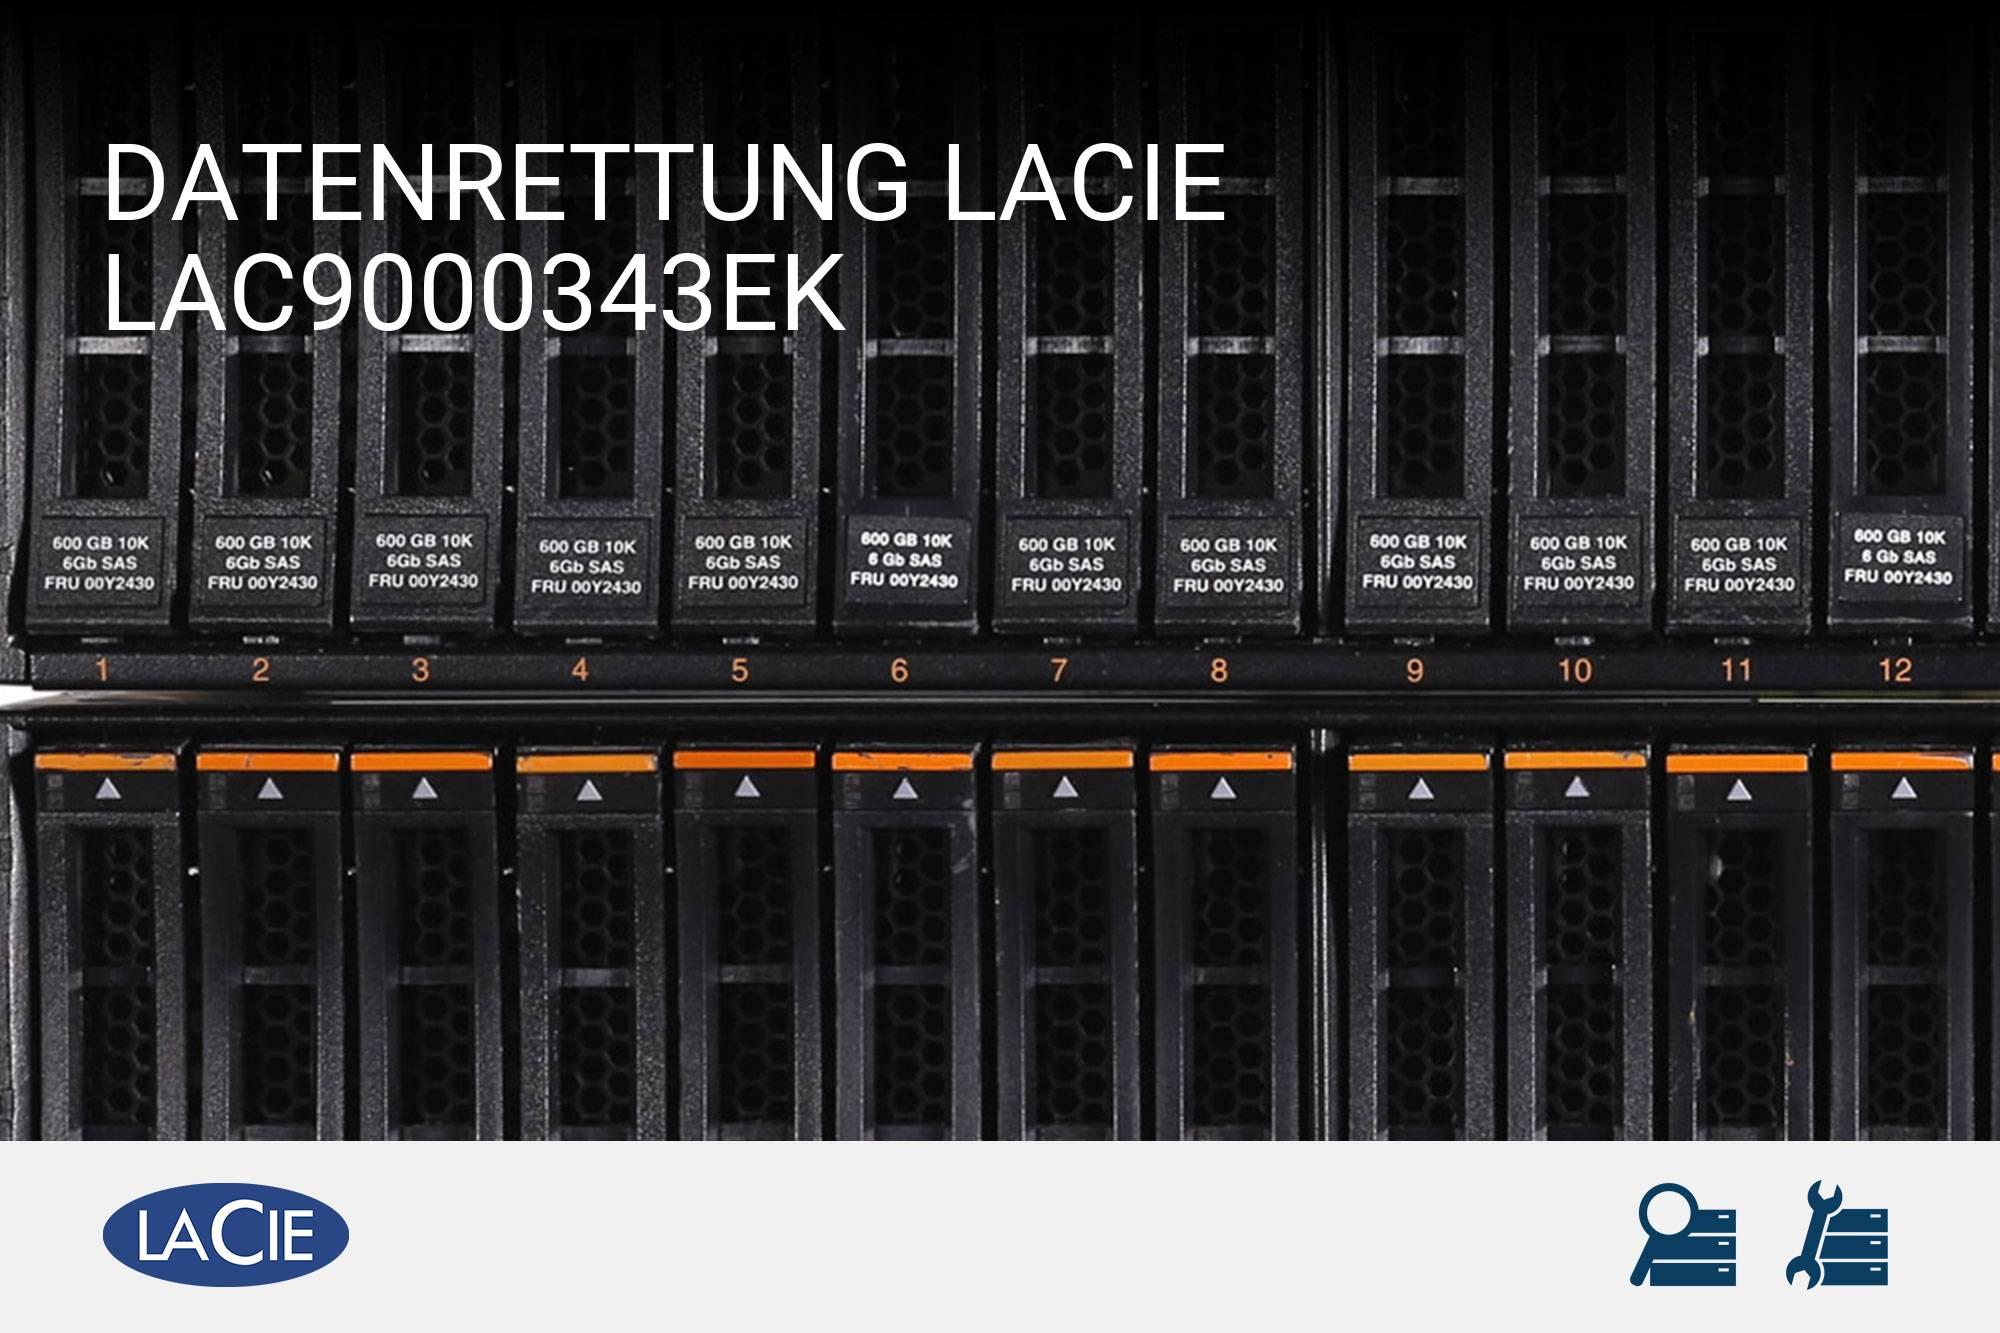 LaCie LAC9000343EK